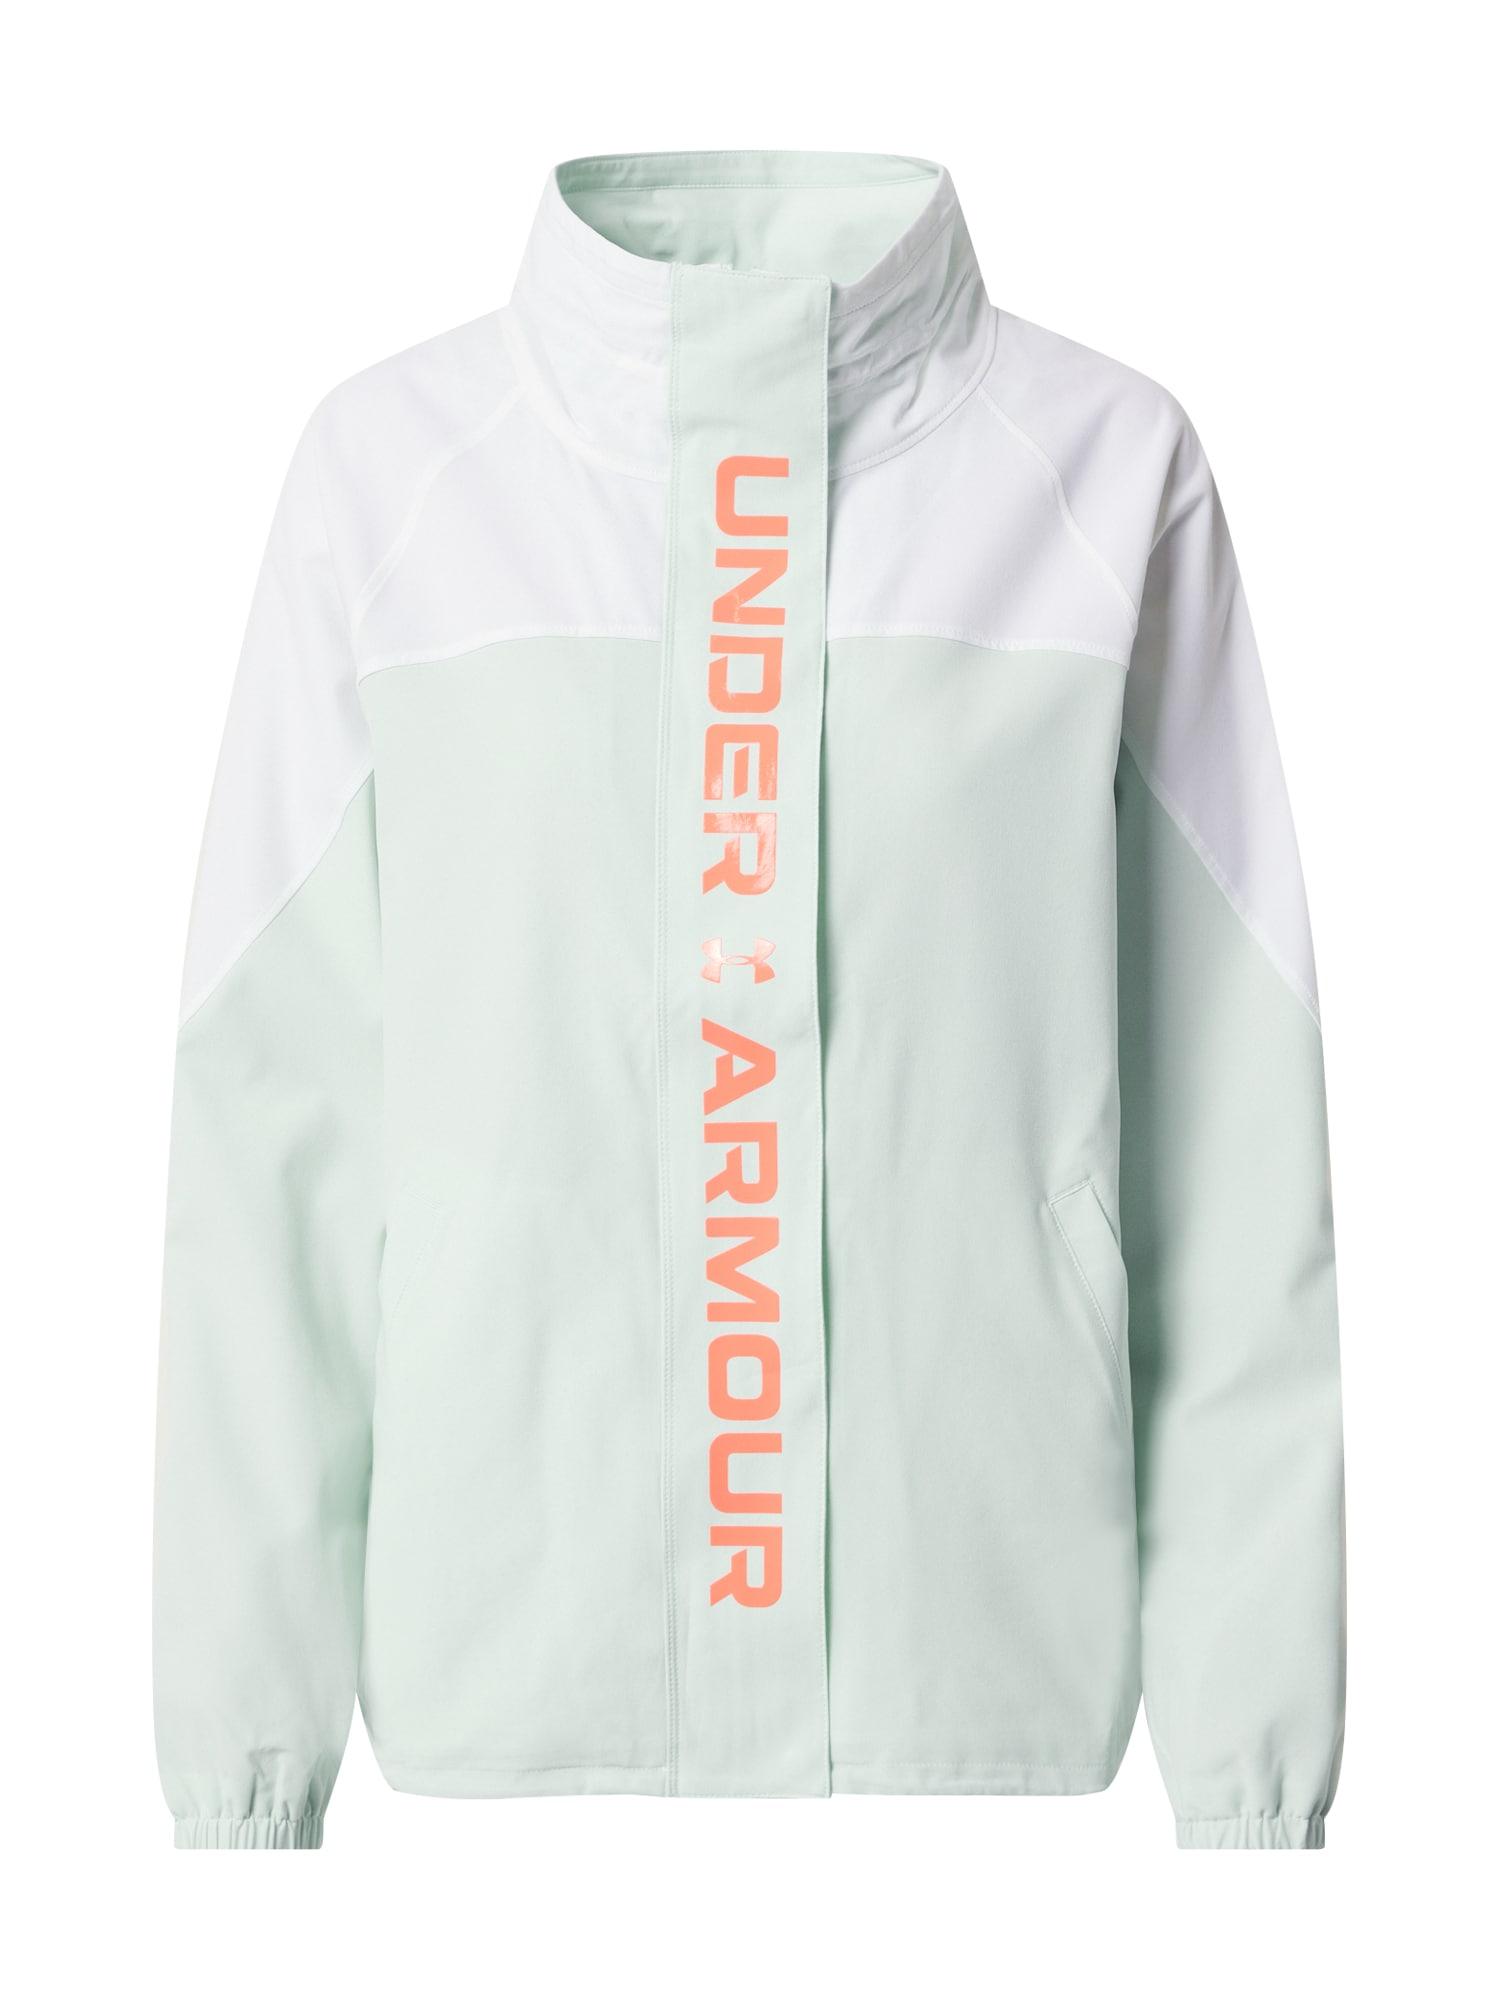 UNDER ARMOUR Sportinė striukė 'Recover' balta / pastelinė žalia / tamsiai oranžinė